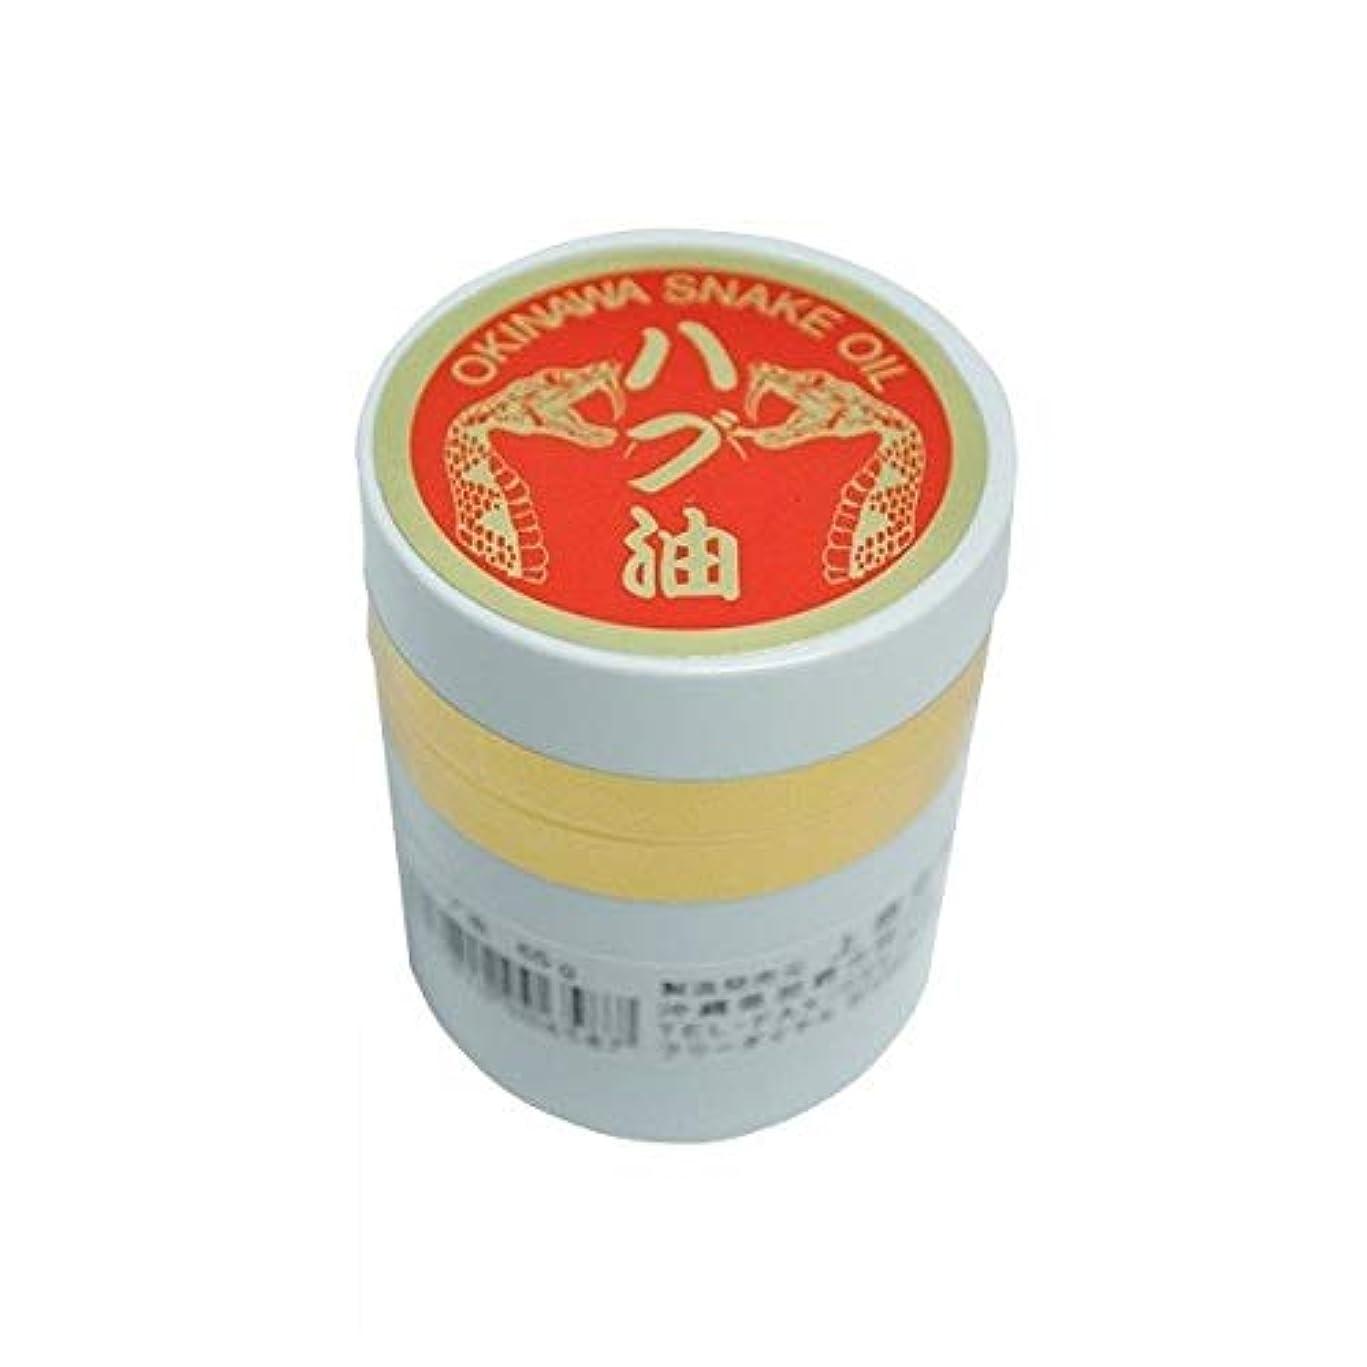 大きなスケールで見るとアーサーコナンドイル揃える沖縄産 ハブ油 65g 軟膏タイプ